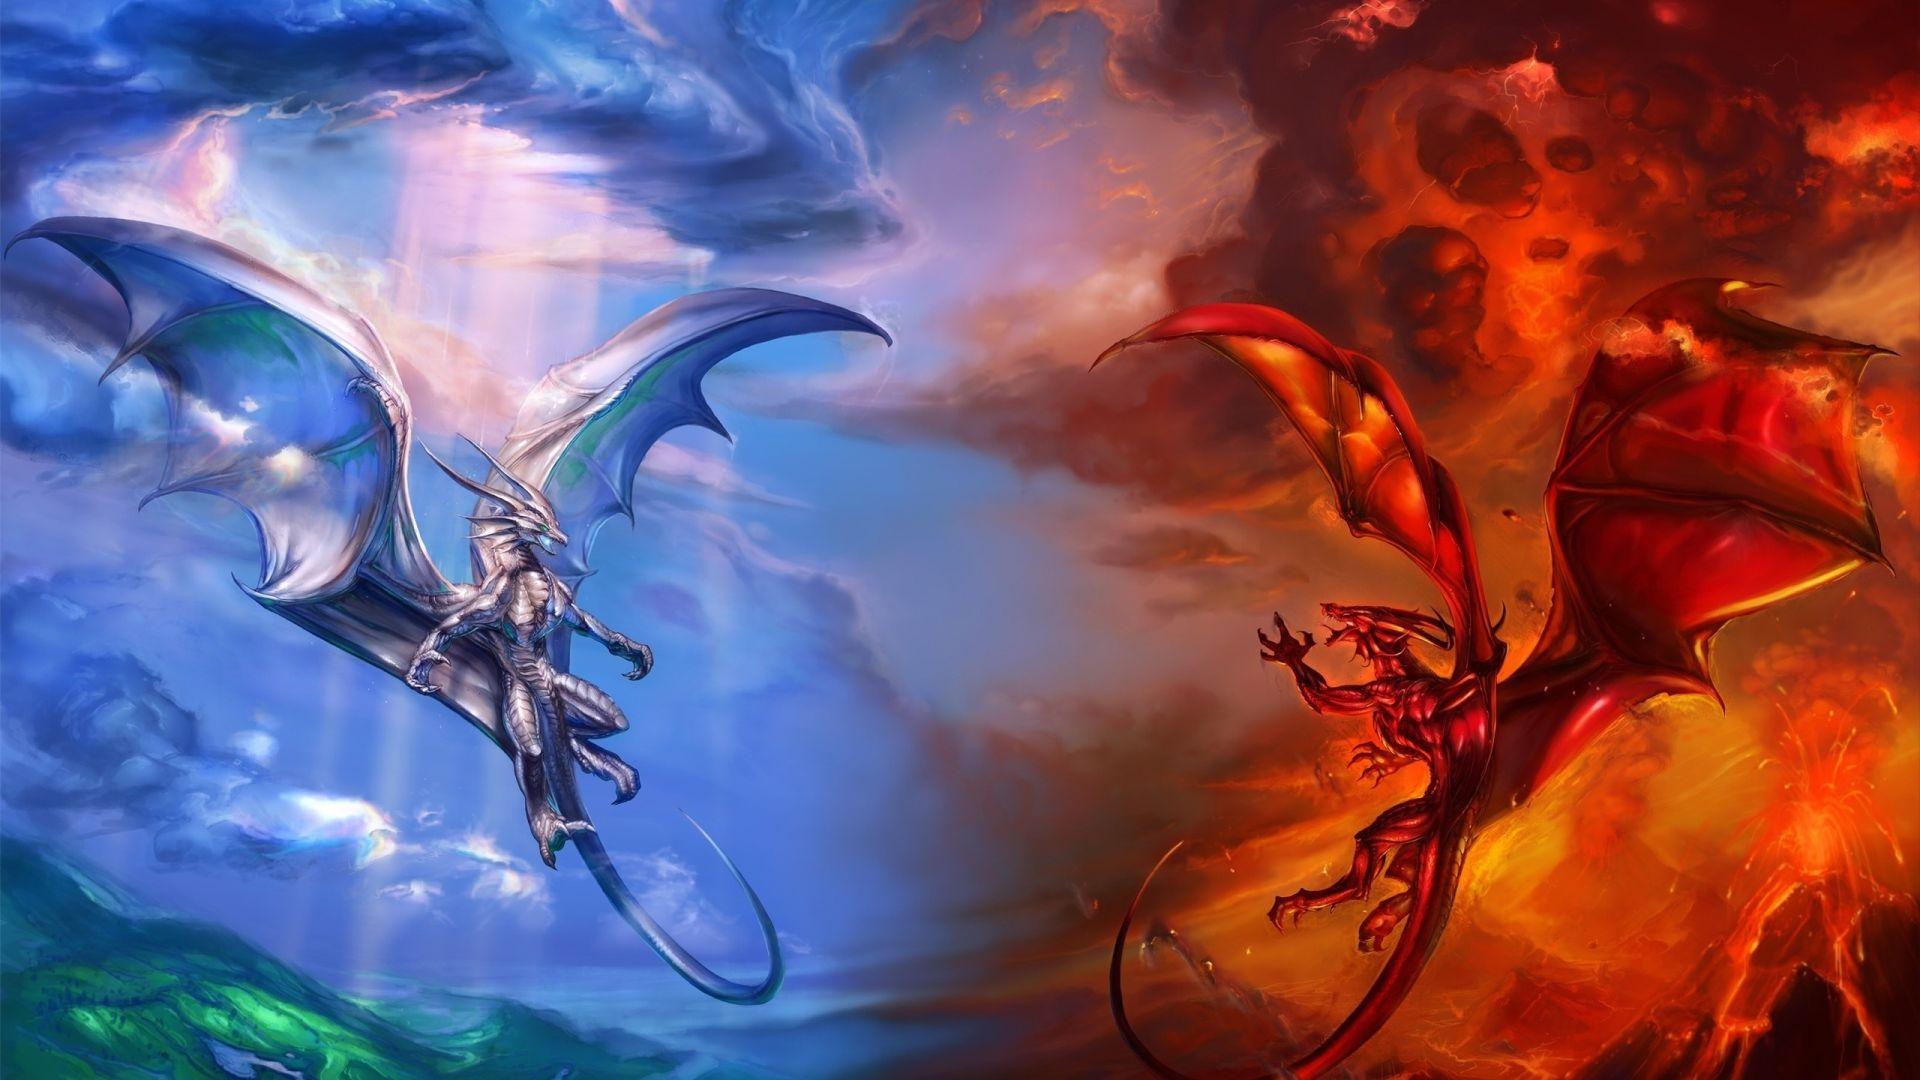 dragon battle wallpaper